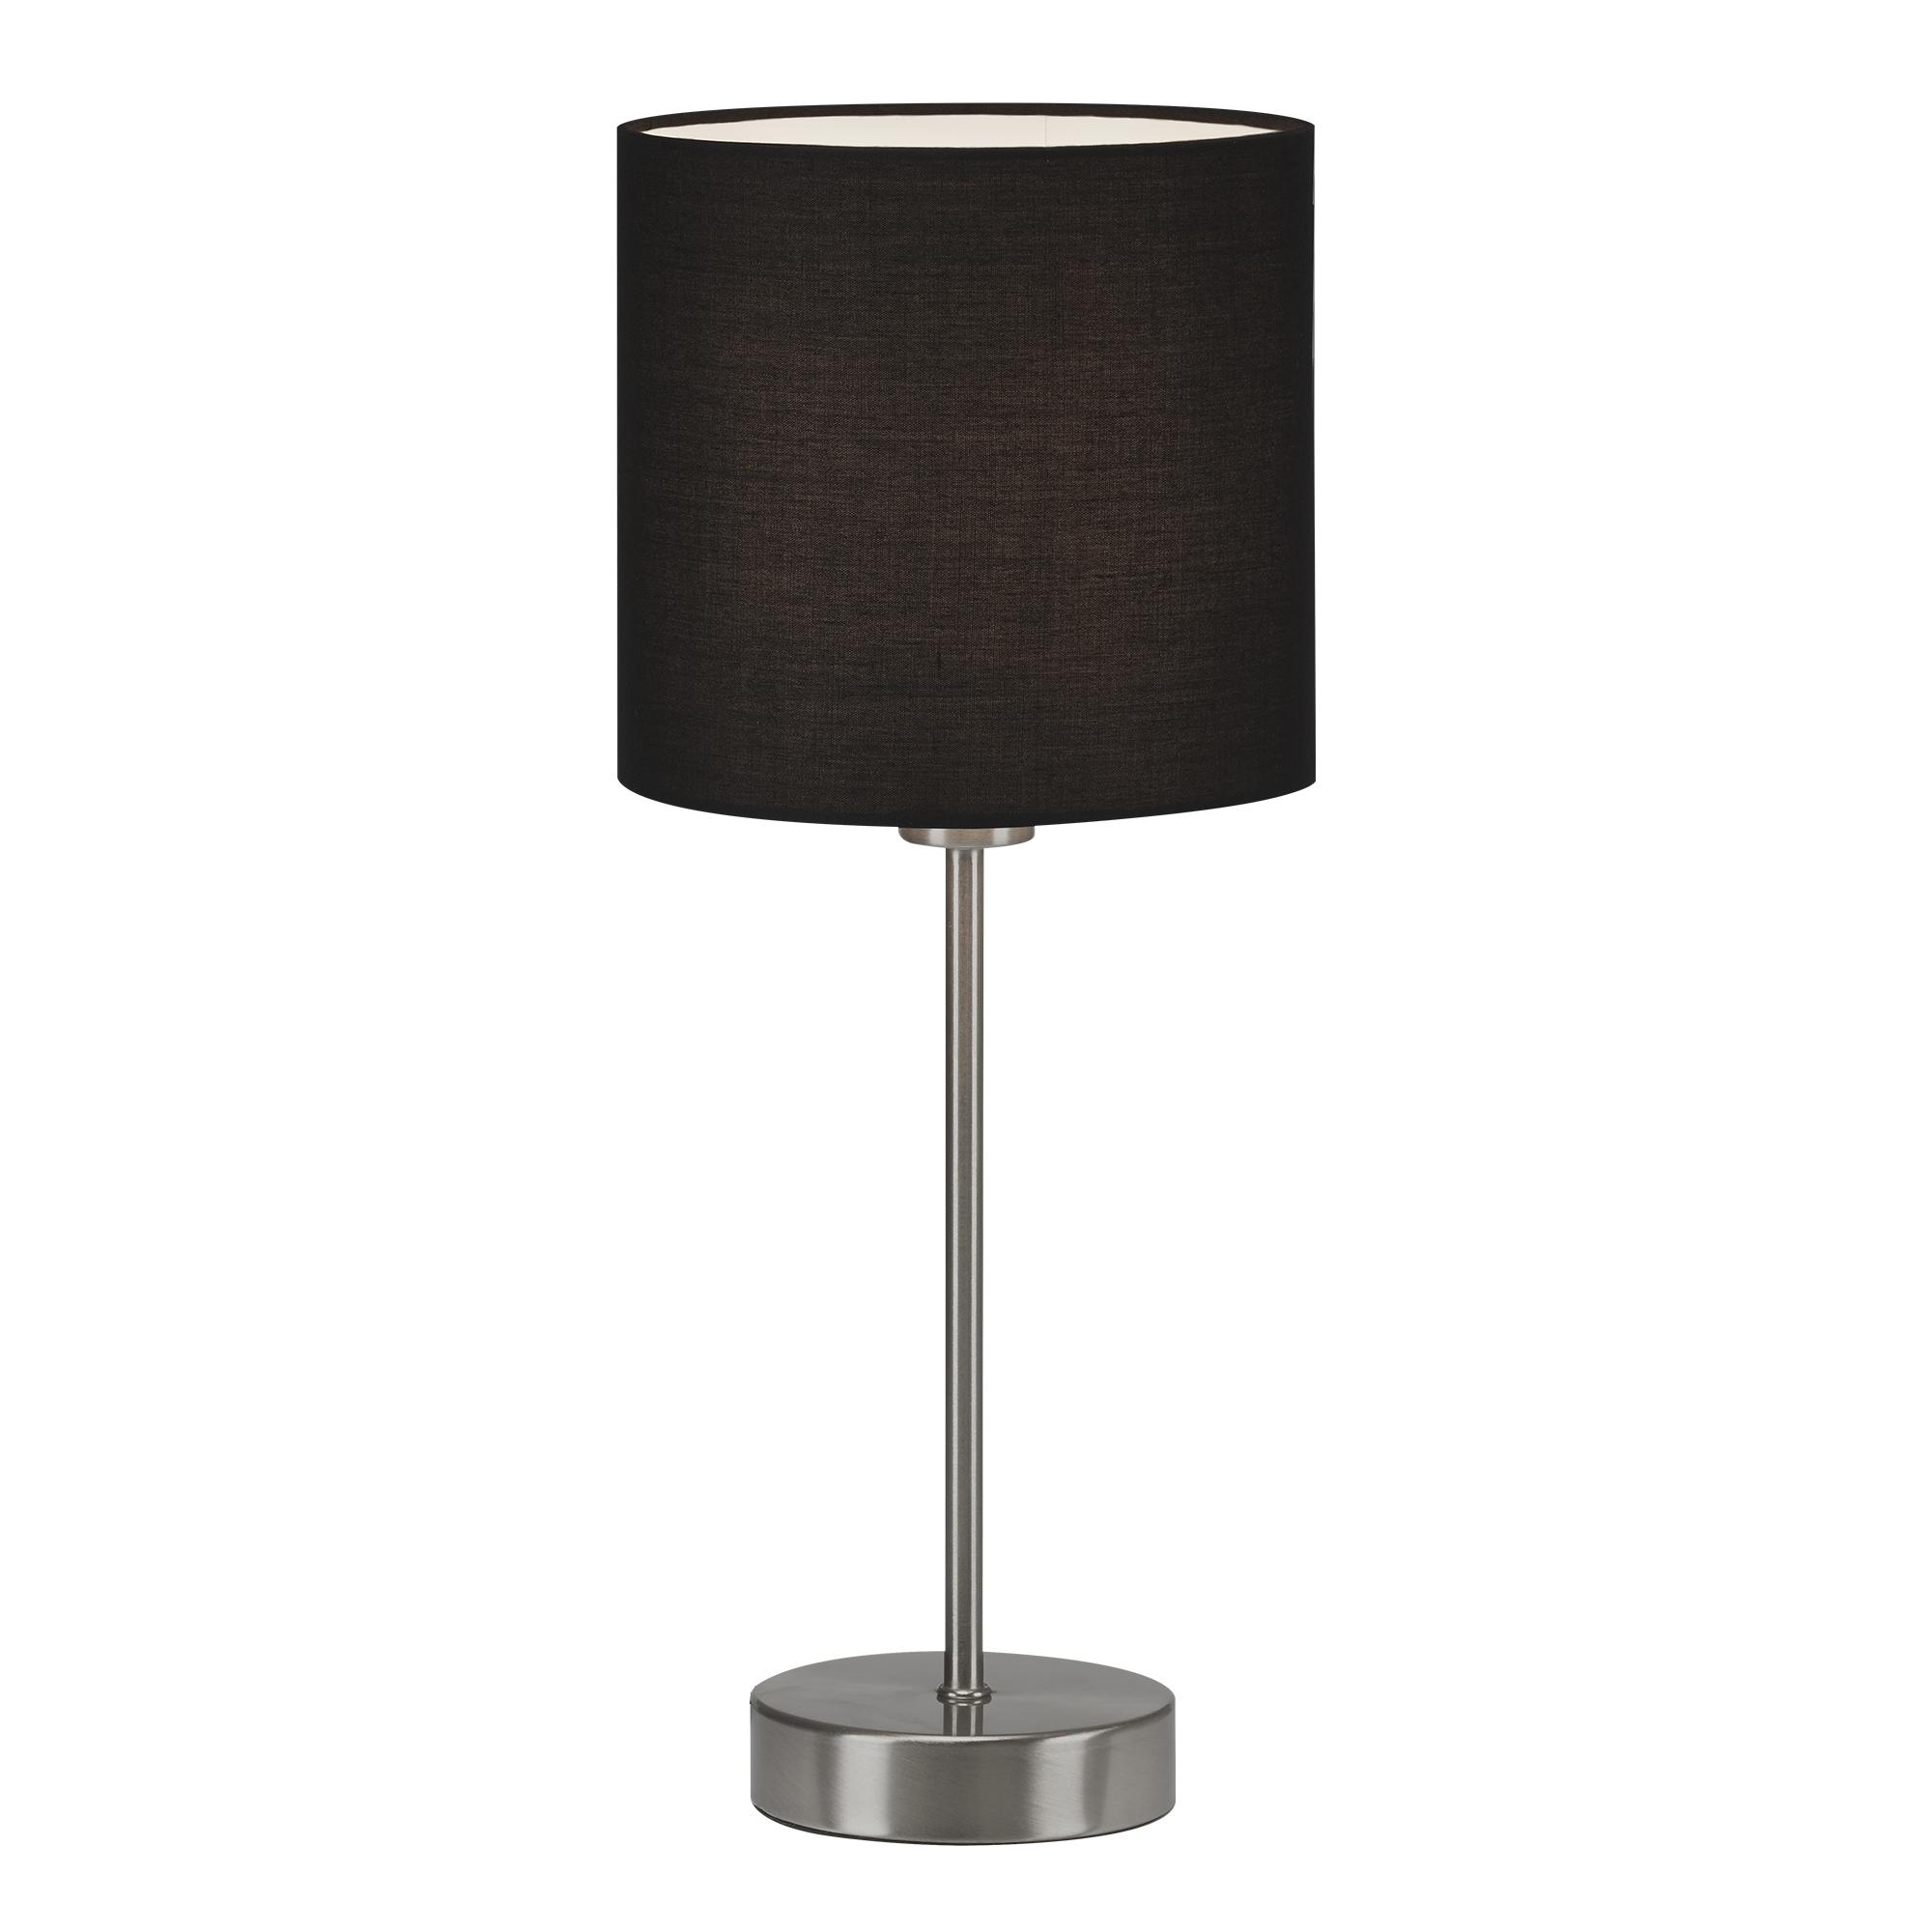 LED Tischleuchte, max. 25 W, 38,5 cm, Schwarz